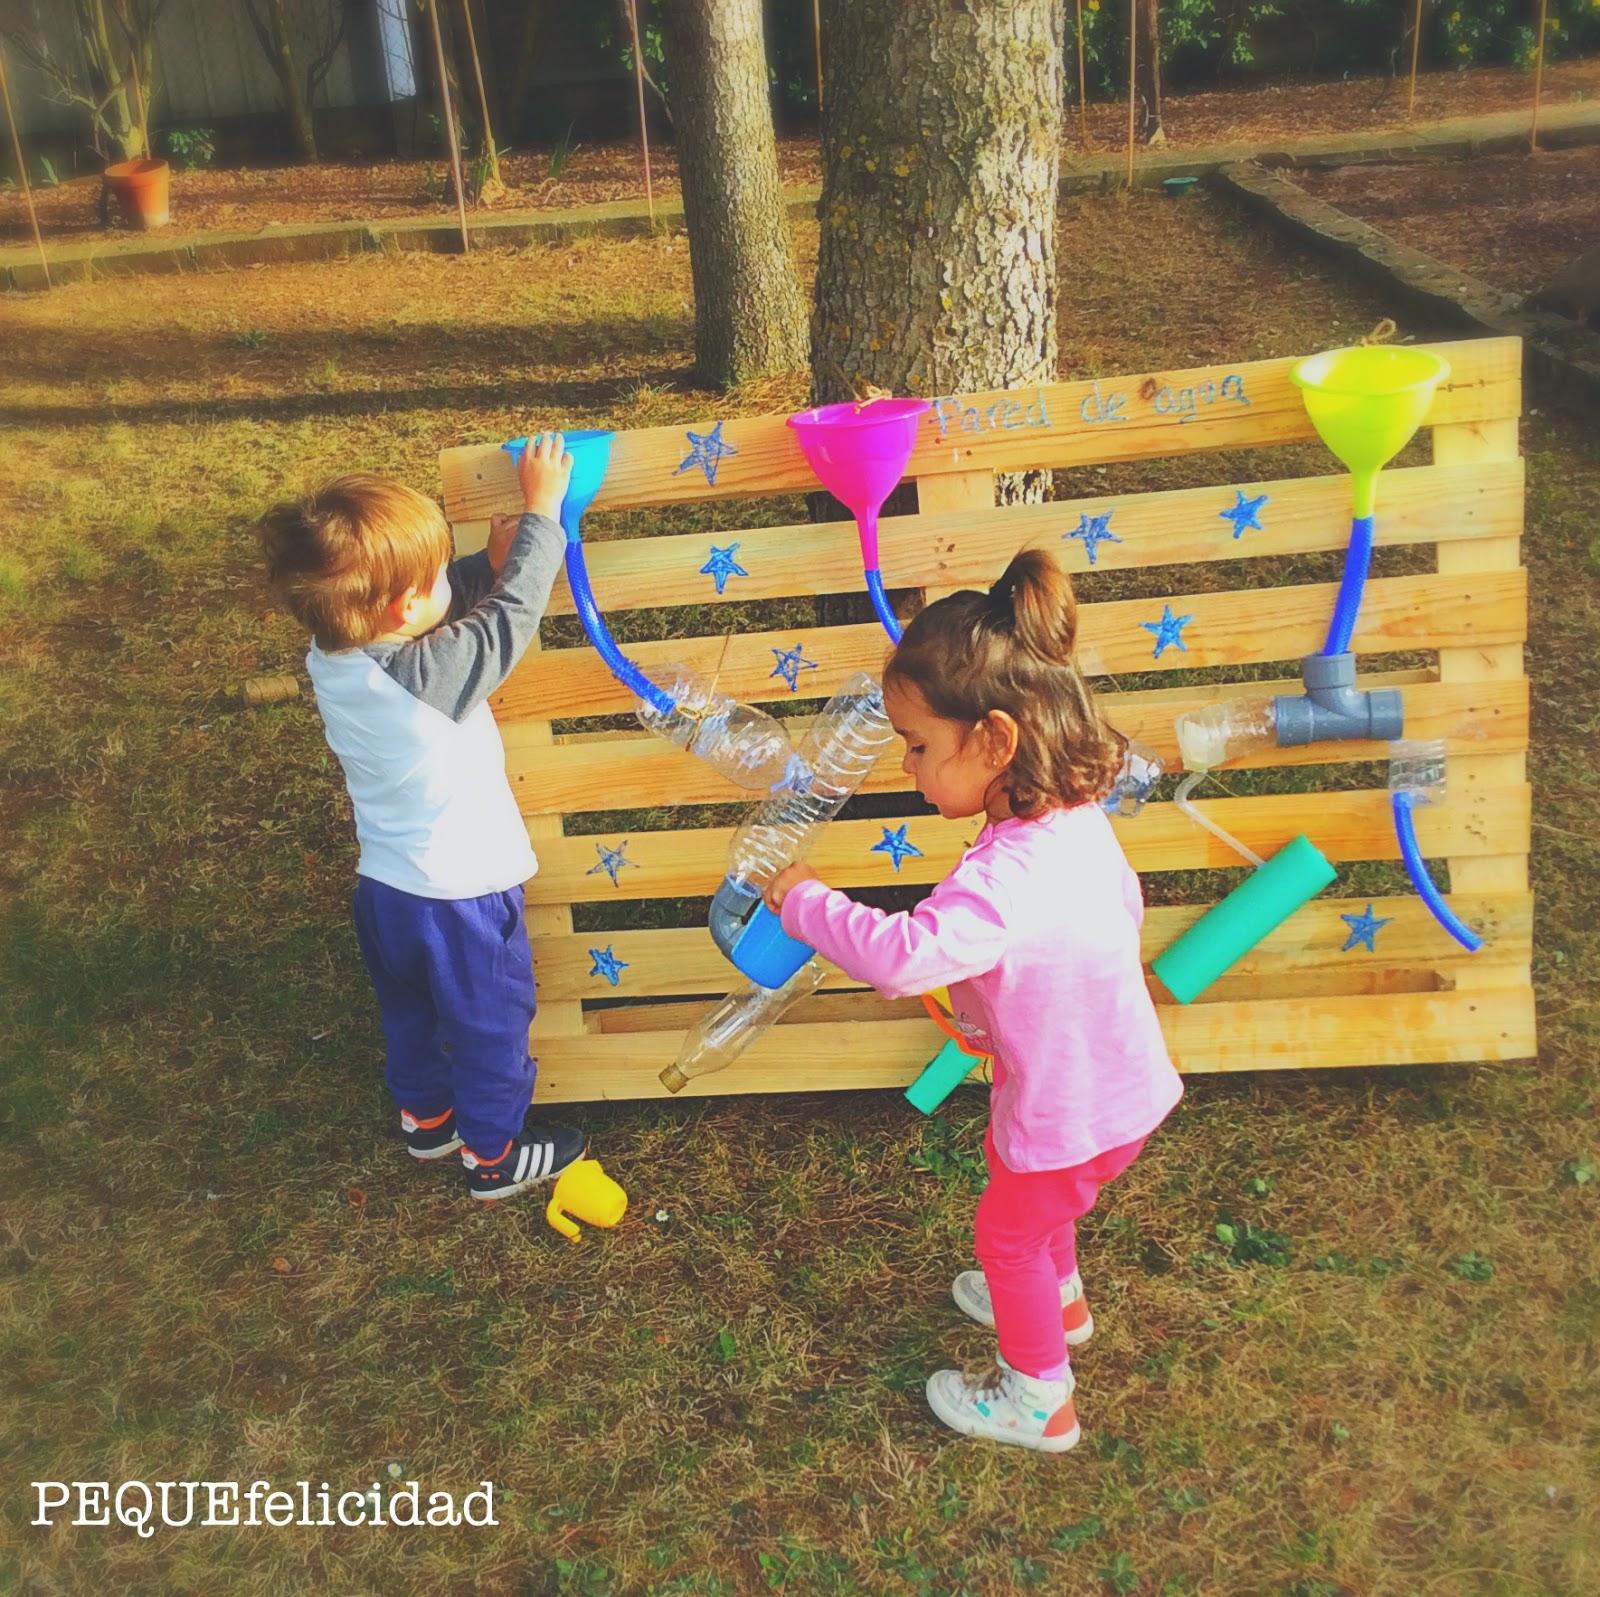 Circuito Juegos Para Niños : De pino a pino navacerrada tirolinas y juegos